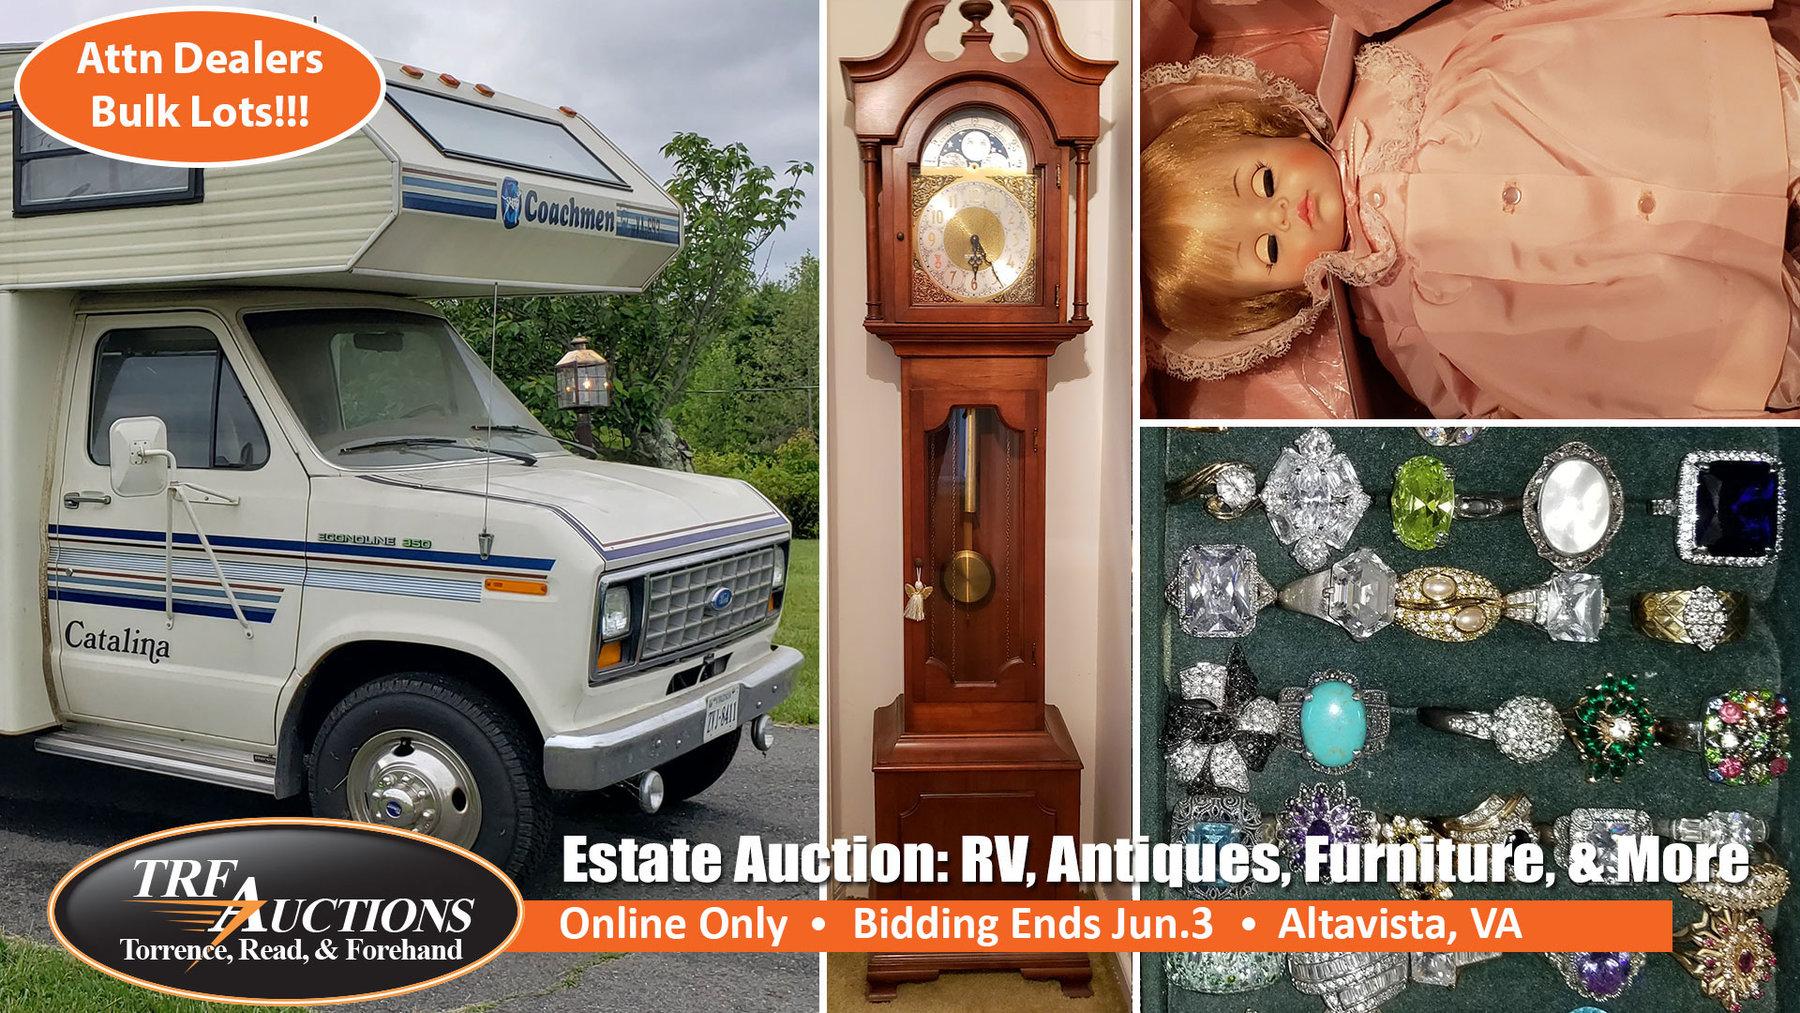 Altavista Estate Bulk Lots Online Only